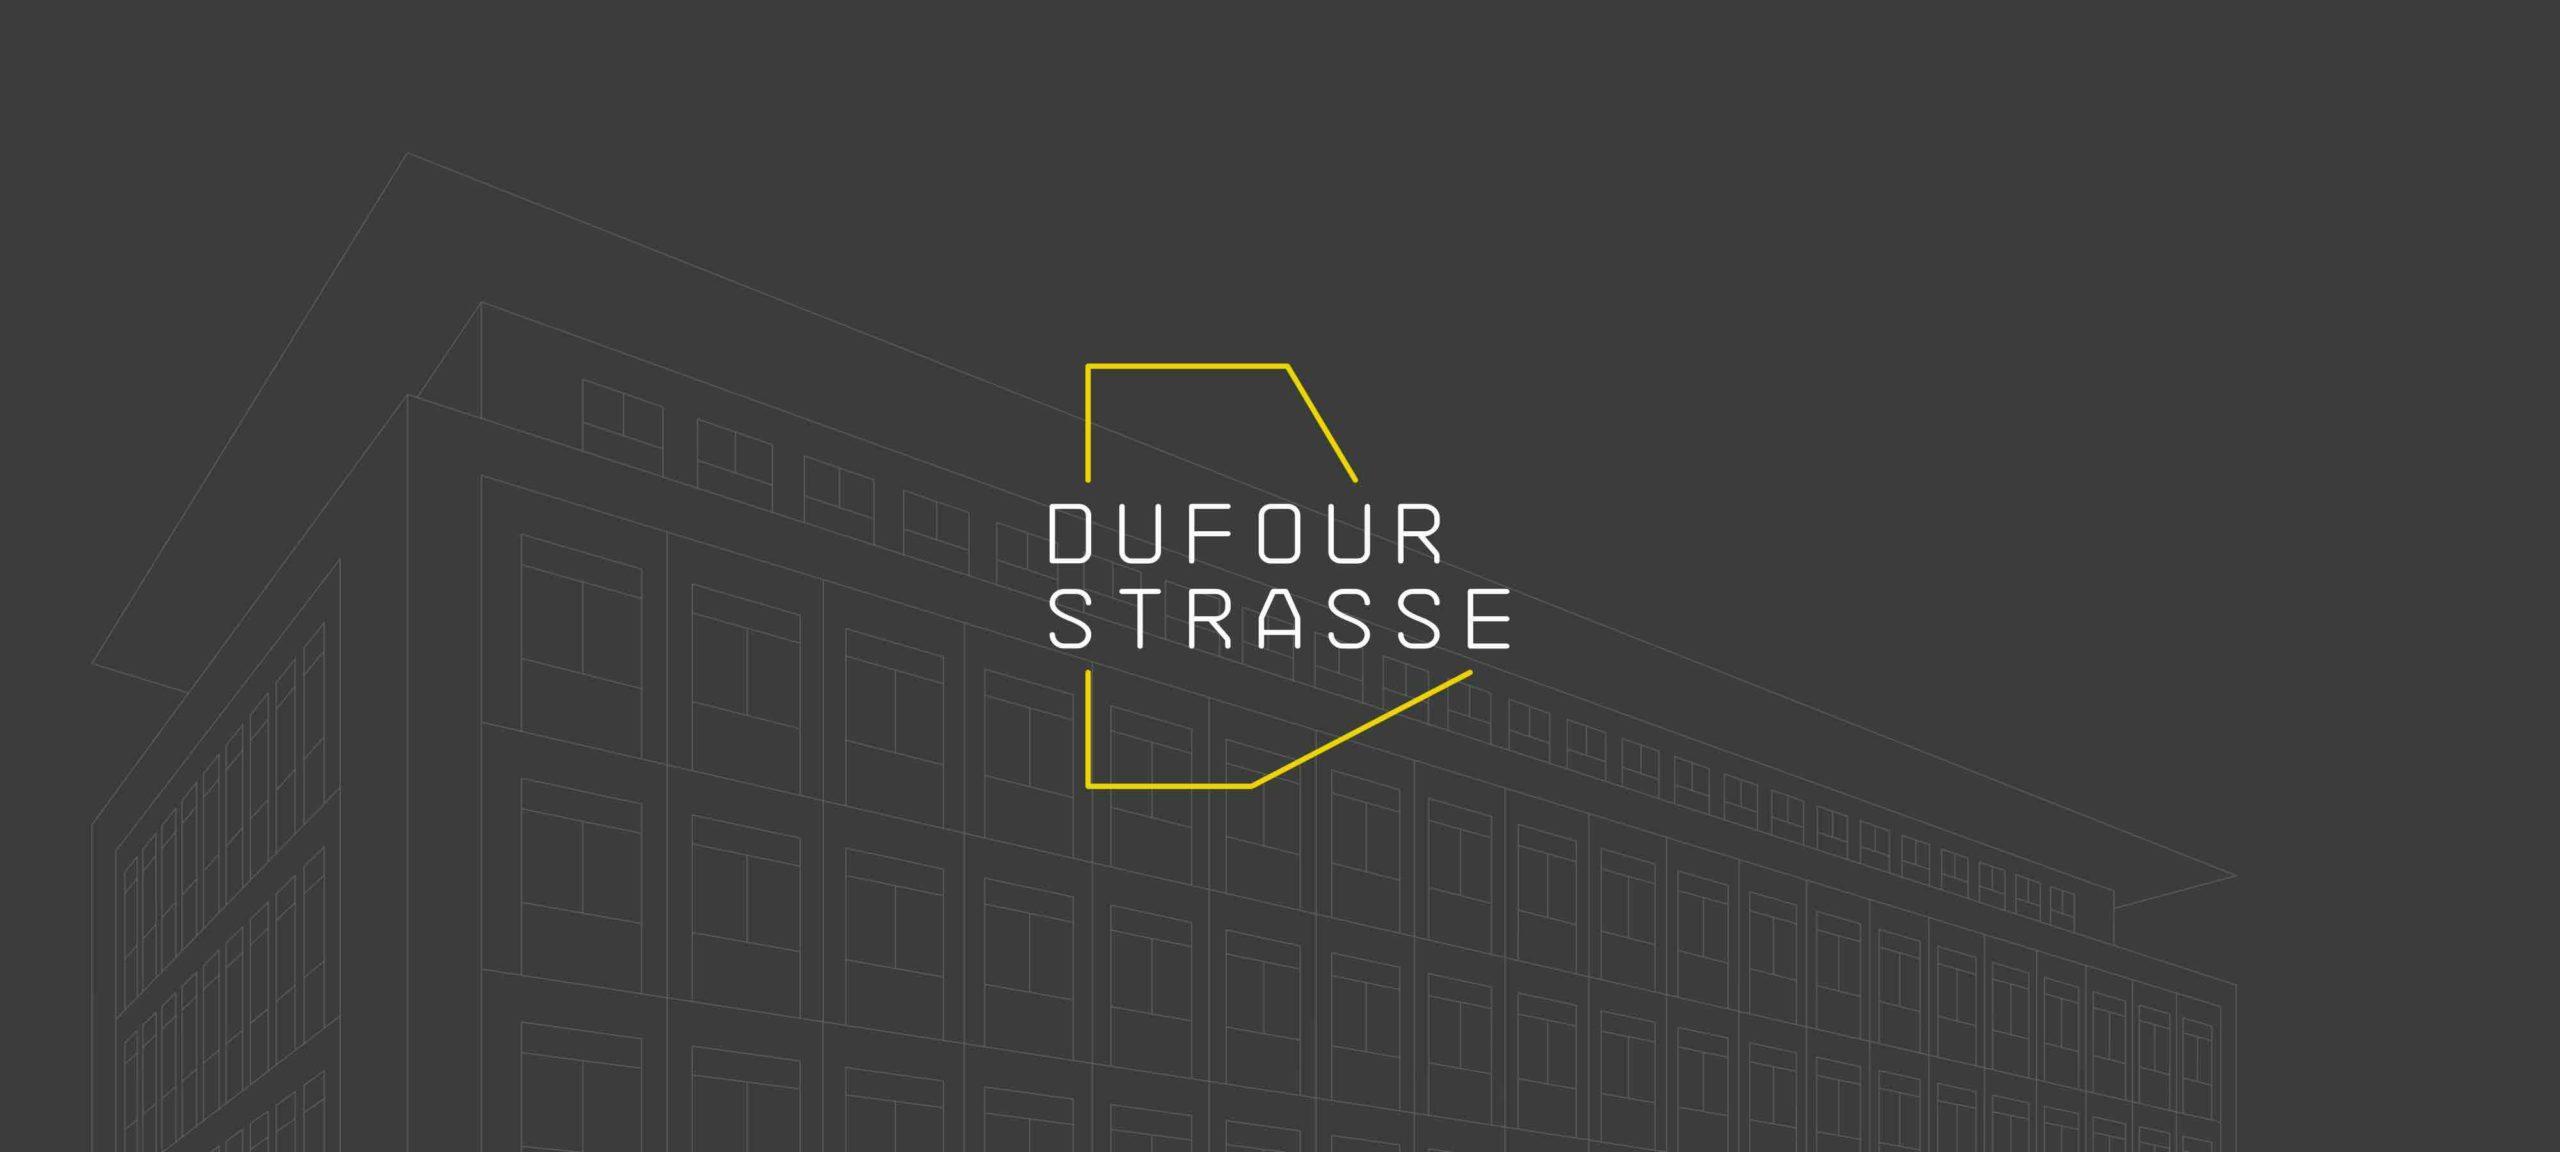 Logo von der Dufourstrasse auf einem Hintergrund auf dem ein Haus skizziert ist